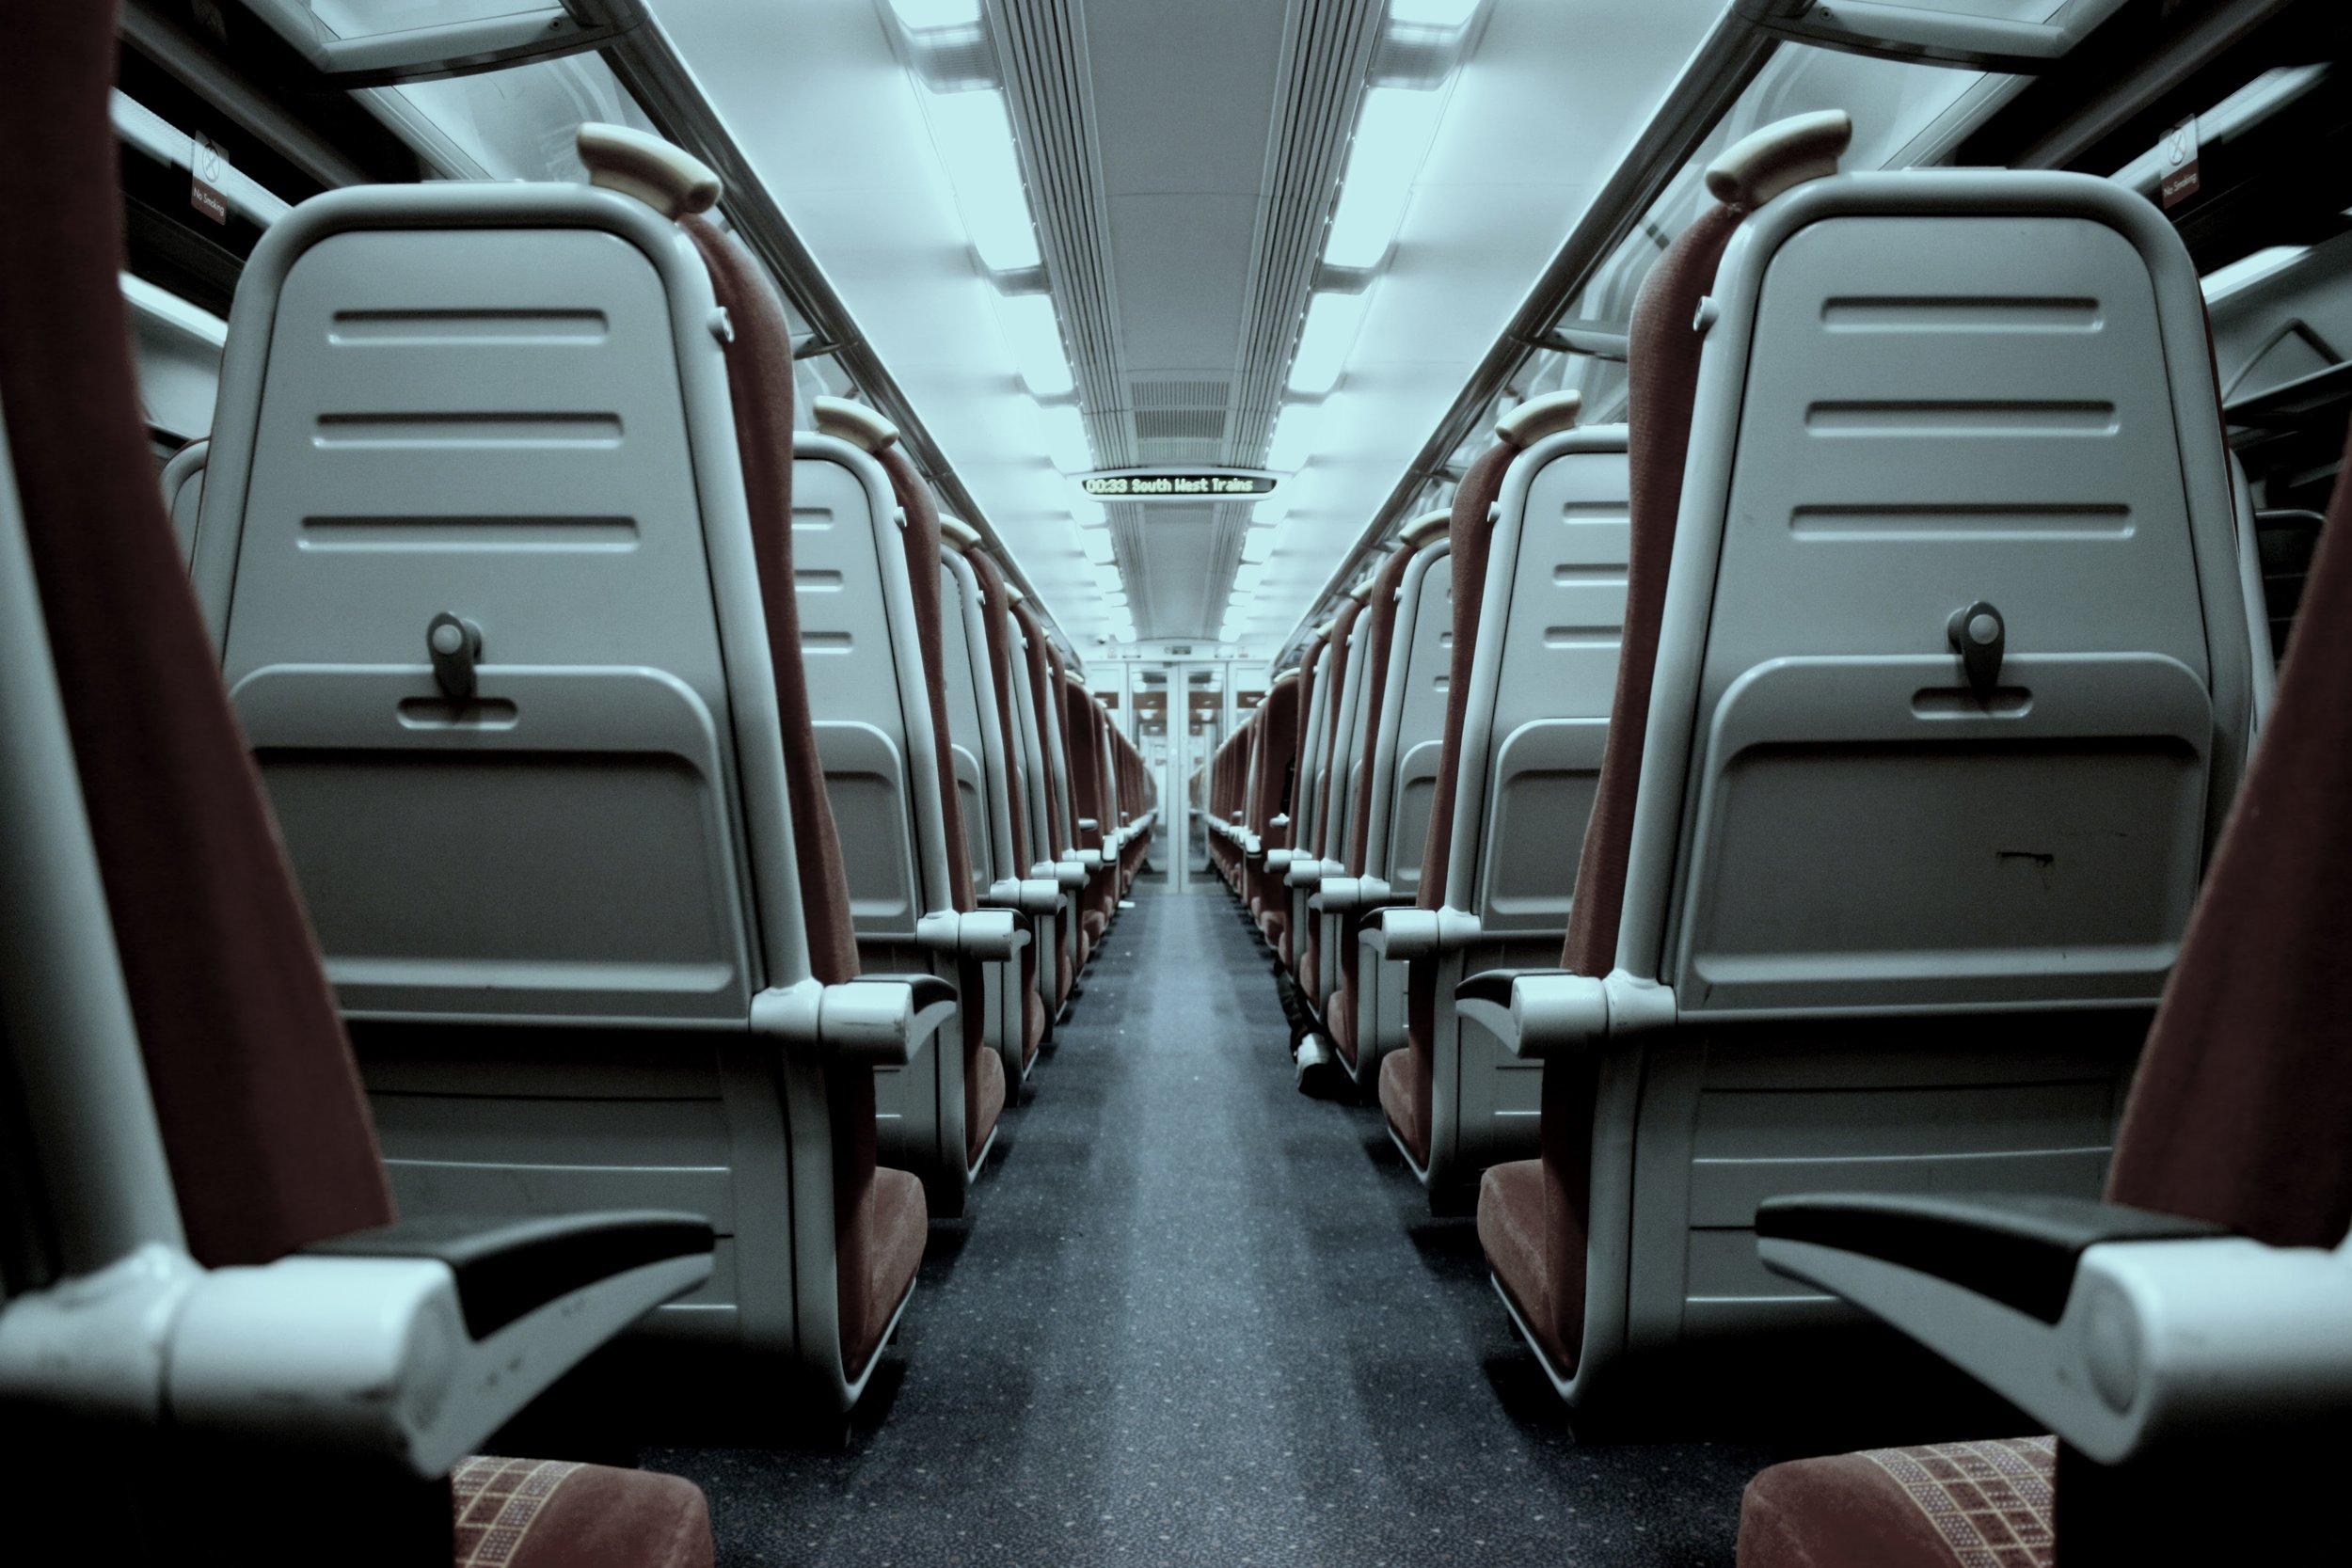 Espera en la Pista - Una vez hayan abordado el avión la aerolínea no puede tener a los pasajeros más de tres horas sentados esperando a un despegue. Es obligación mantenerlos informados cada 30 minutos.